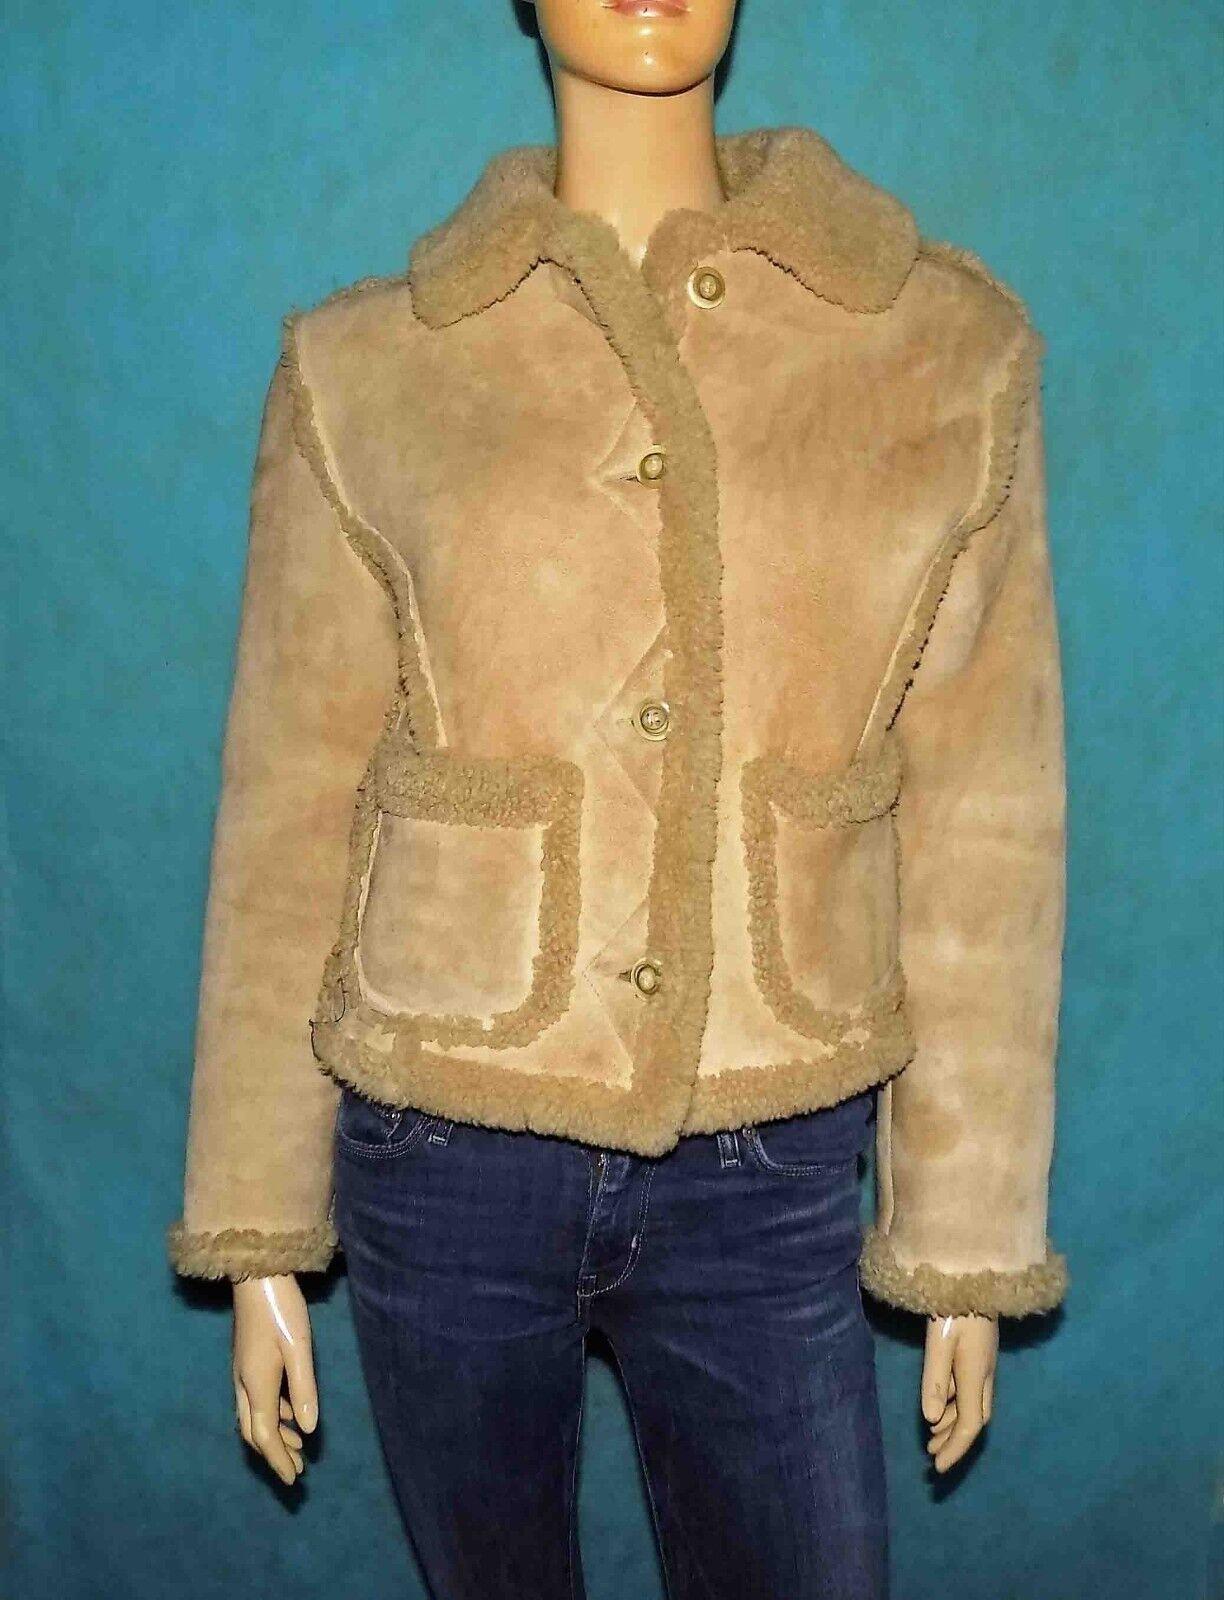 Blouson CHEVIGNON girls en cuir mouton lainé size S ou 36 38